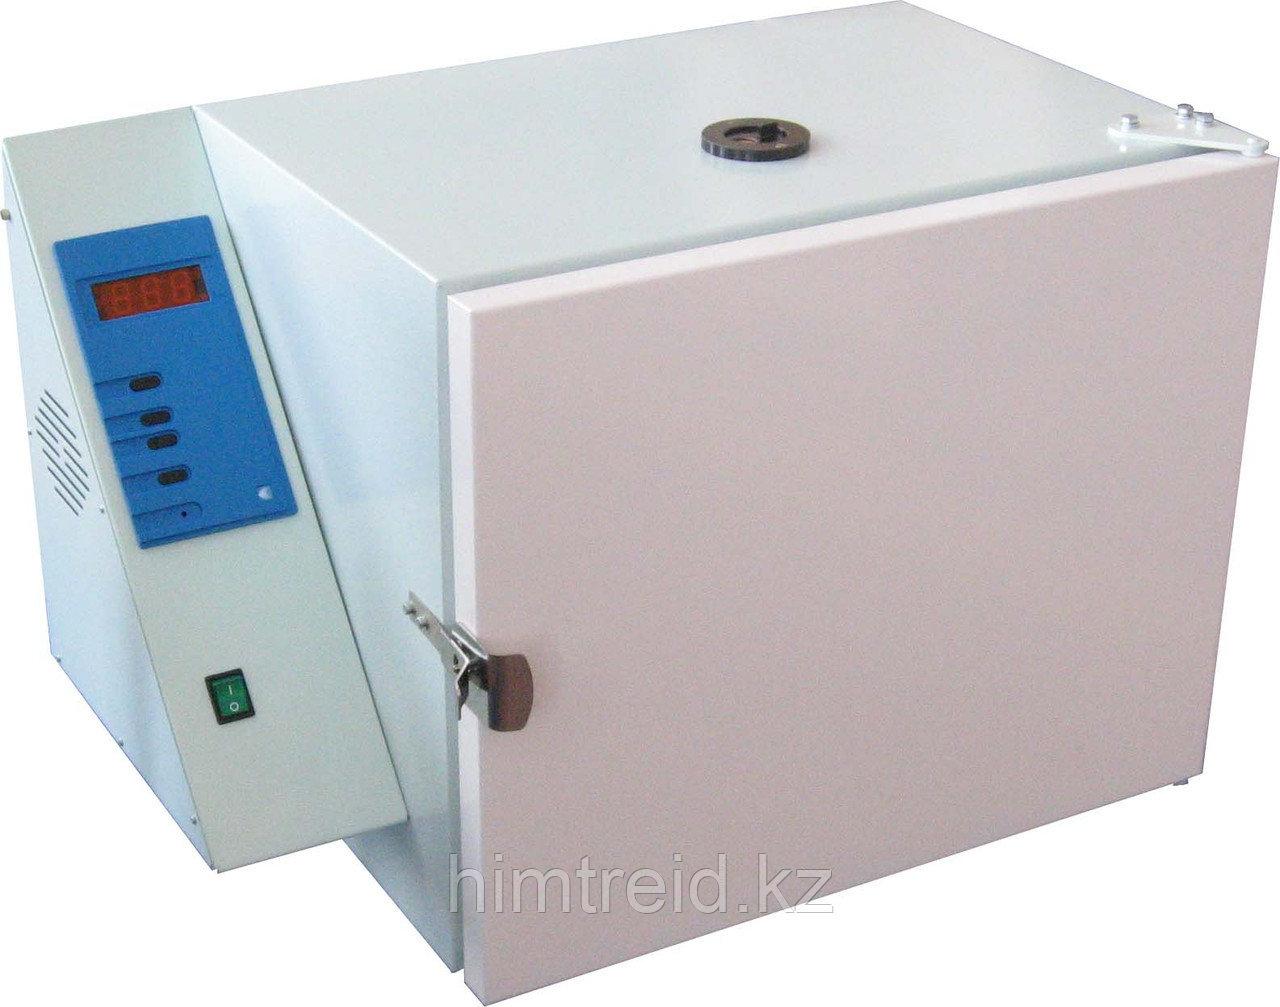 Шкаф сушильный ШСвЛ-80